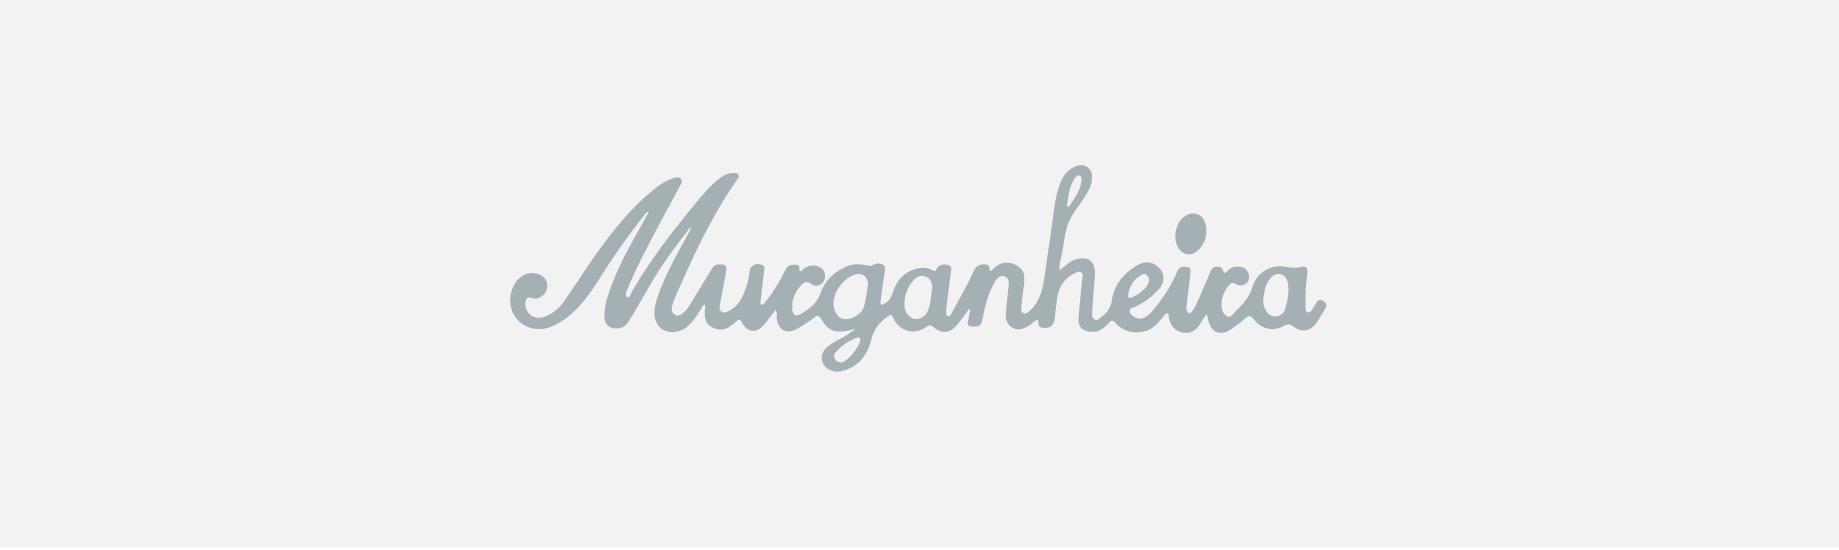 murganheira_logo-1-01